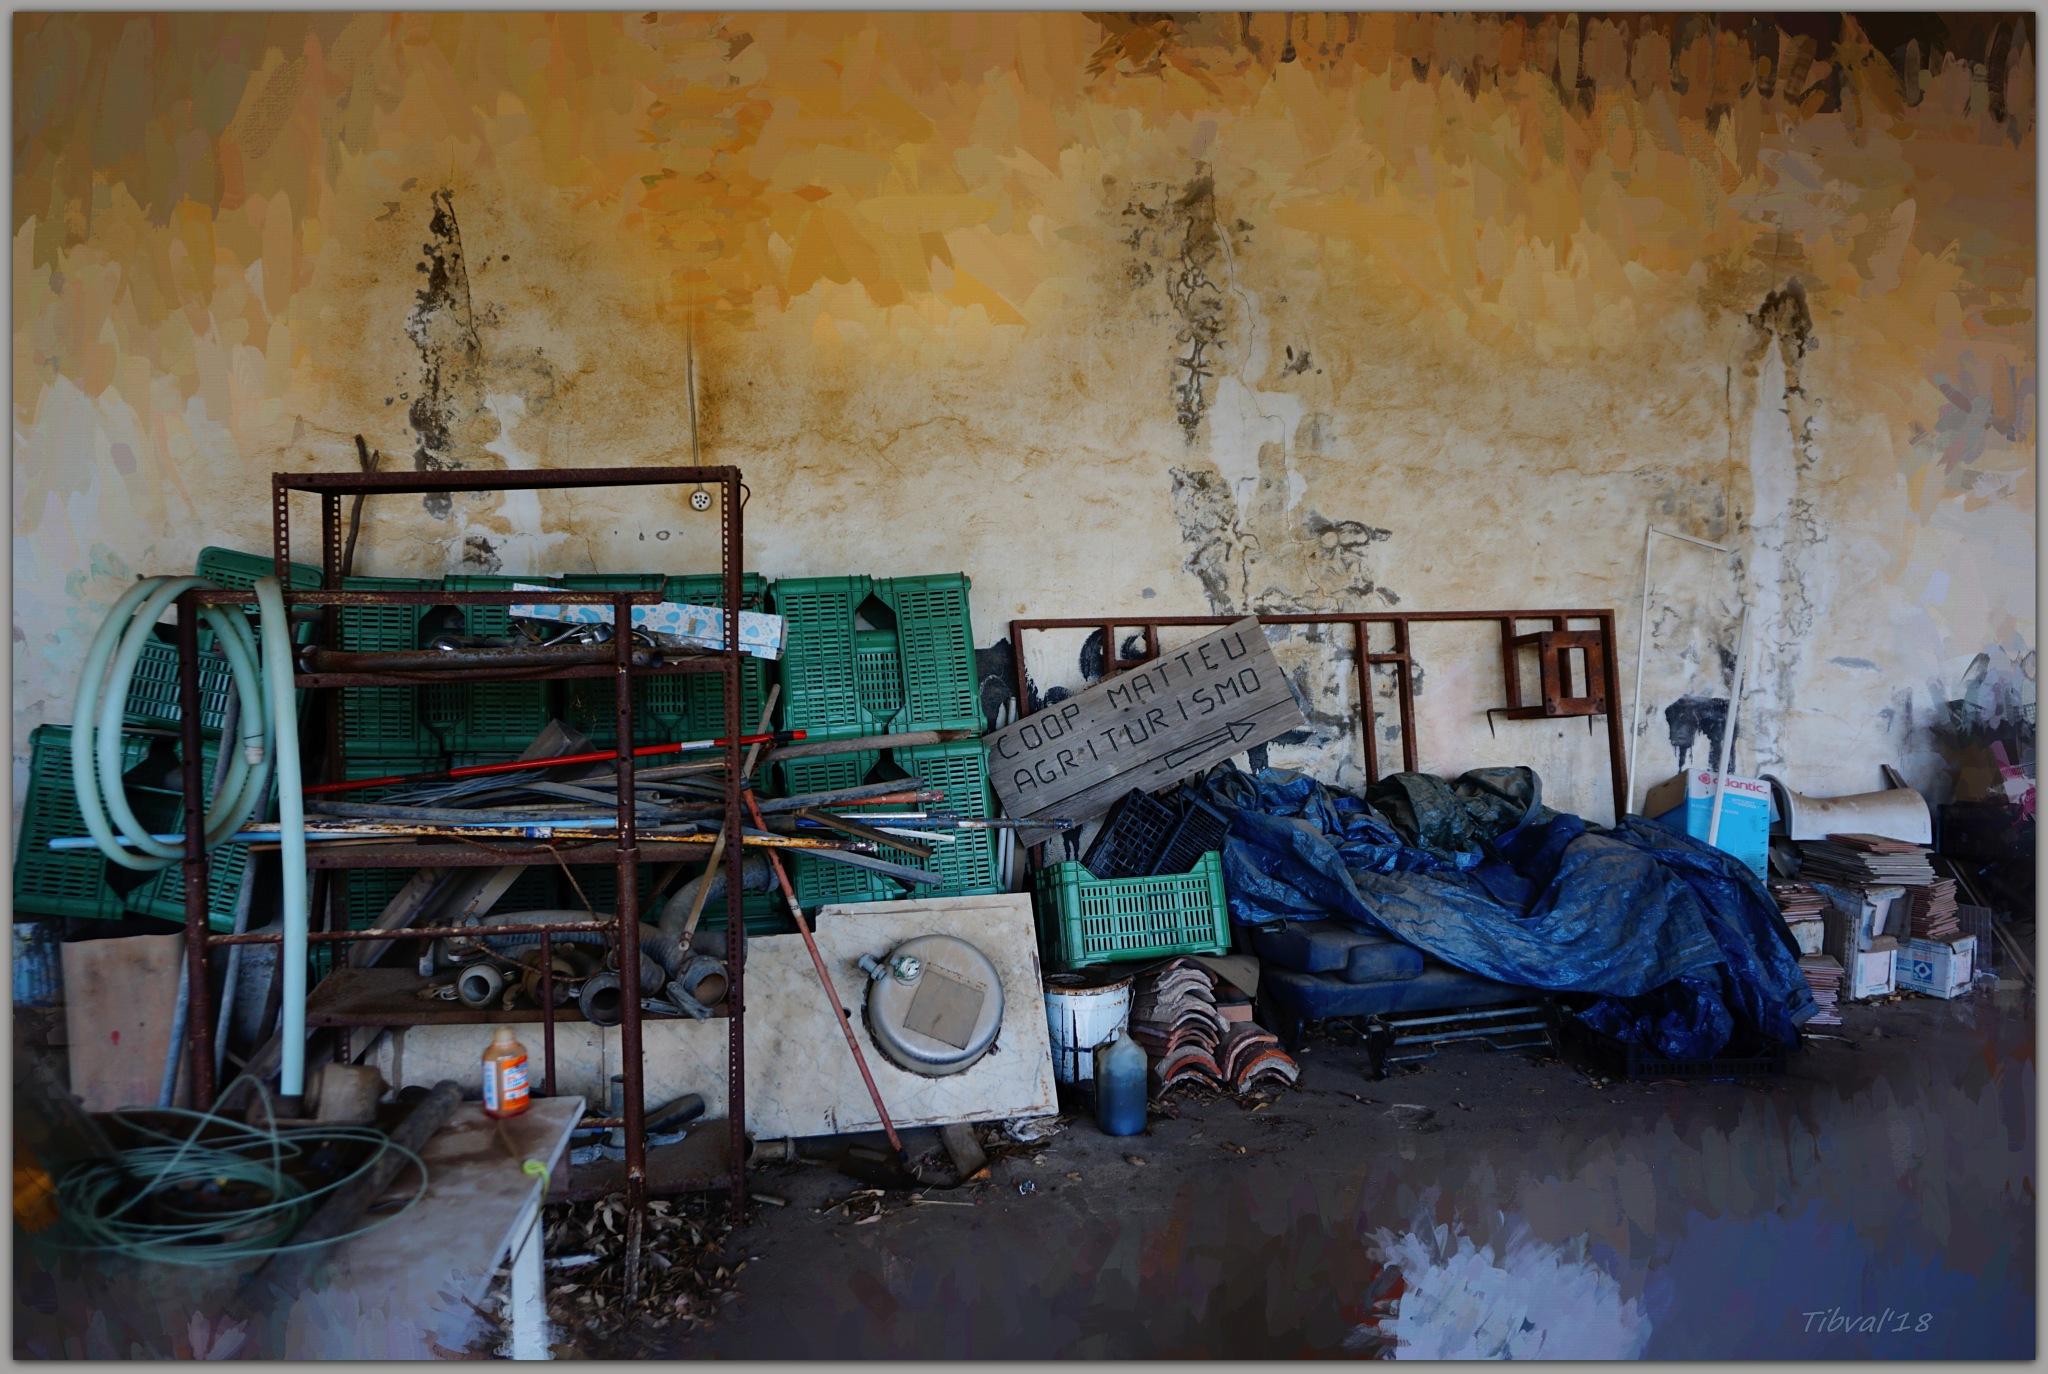 Storeroom by Tibval